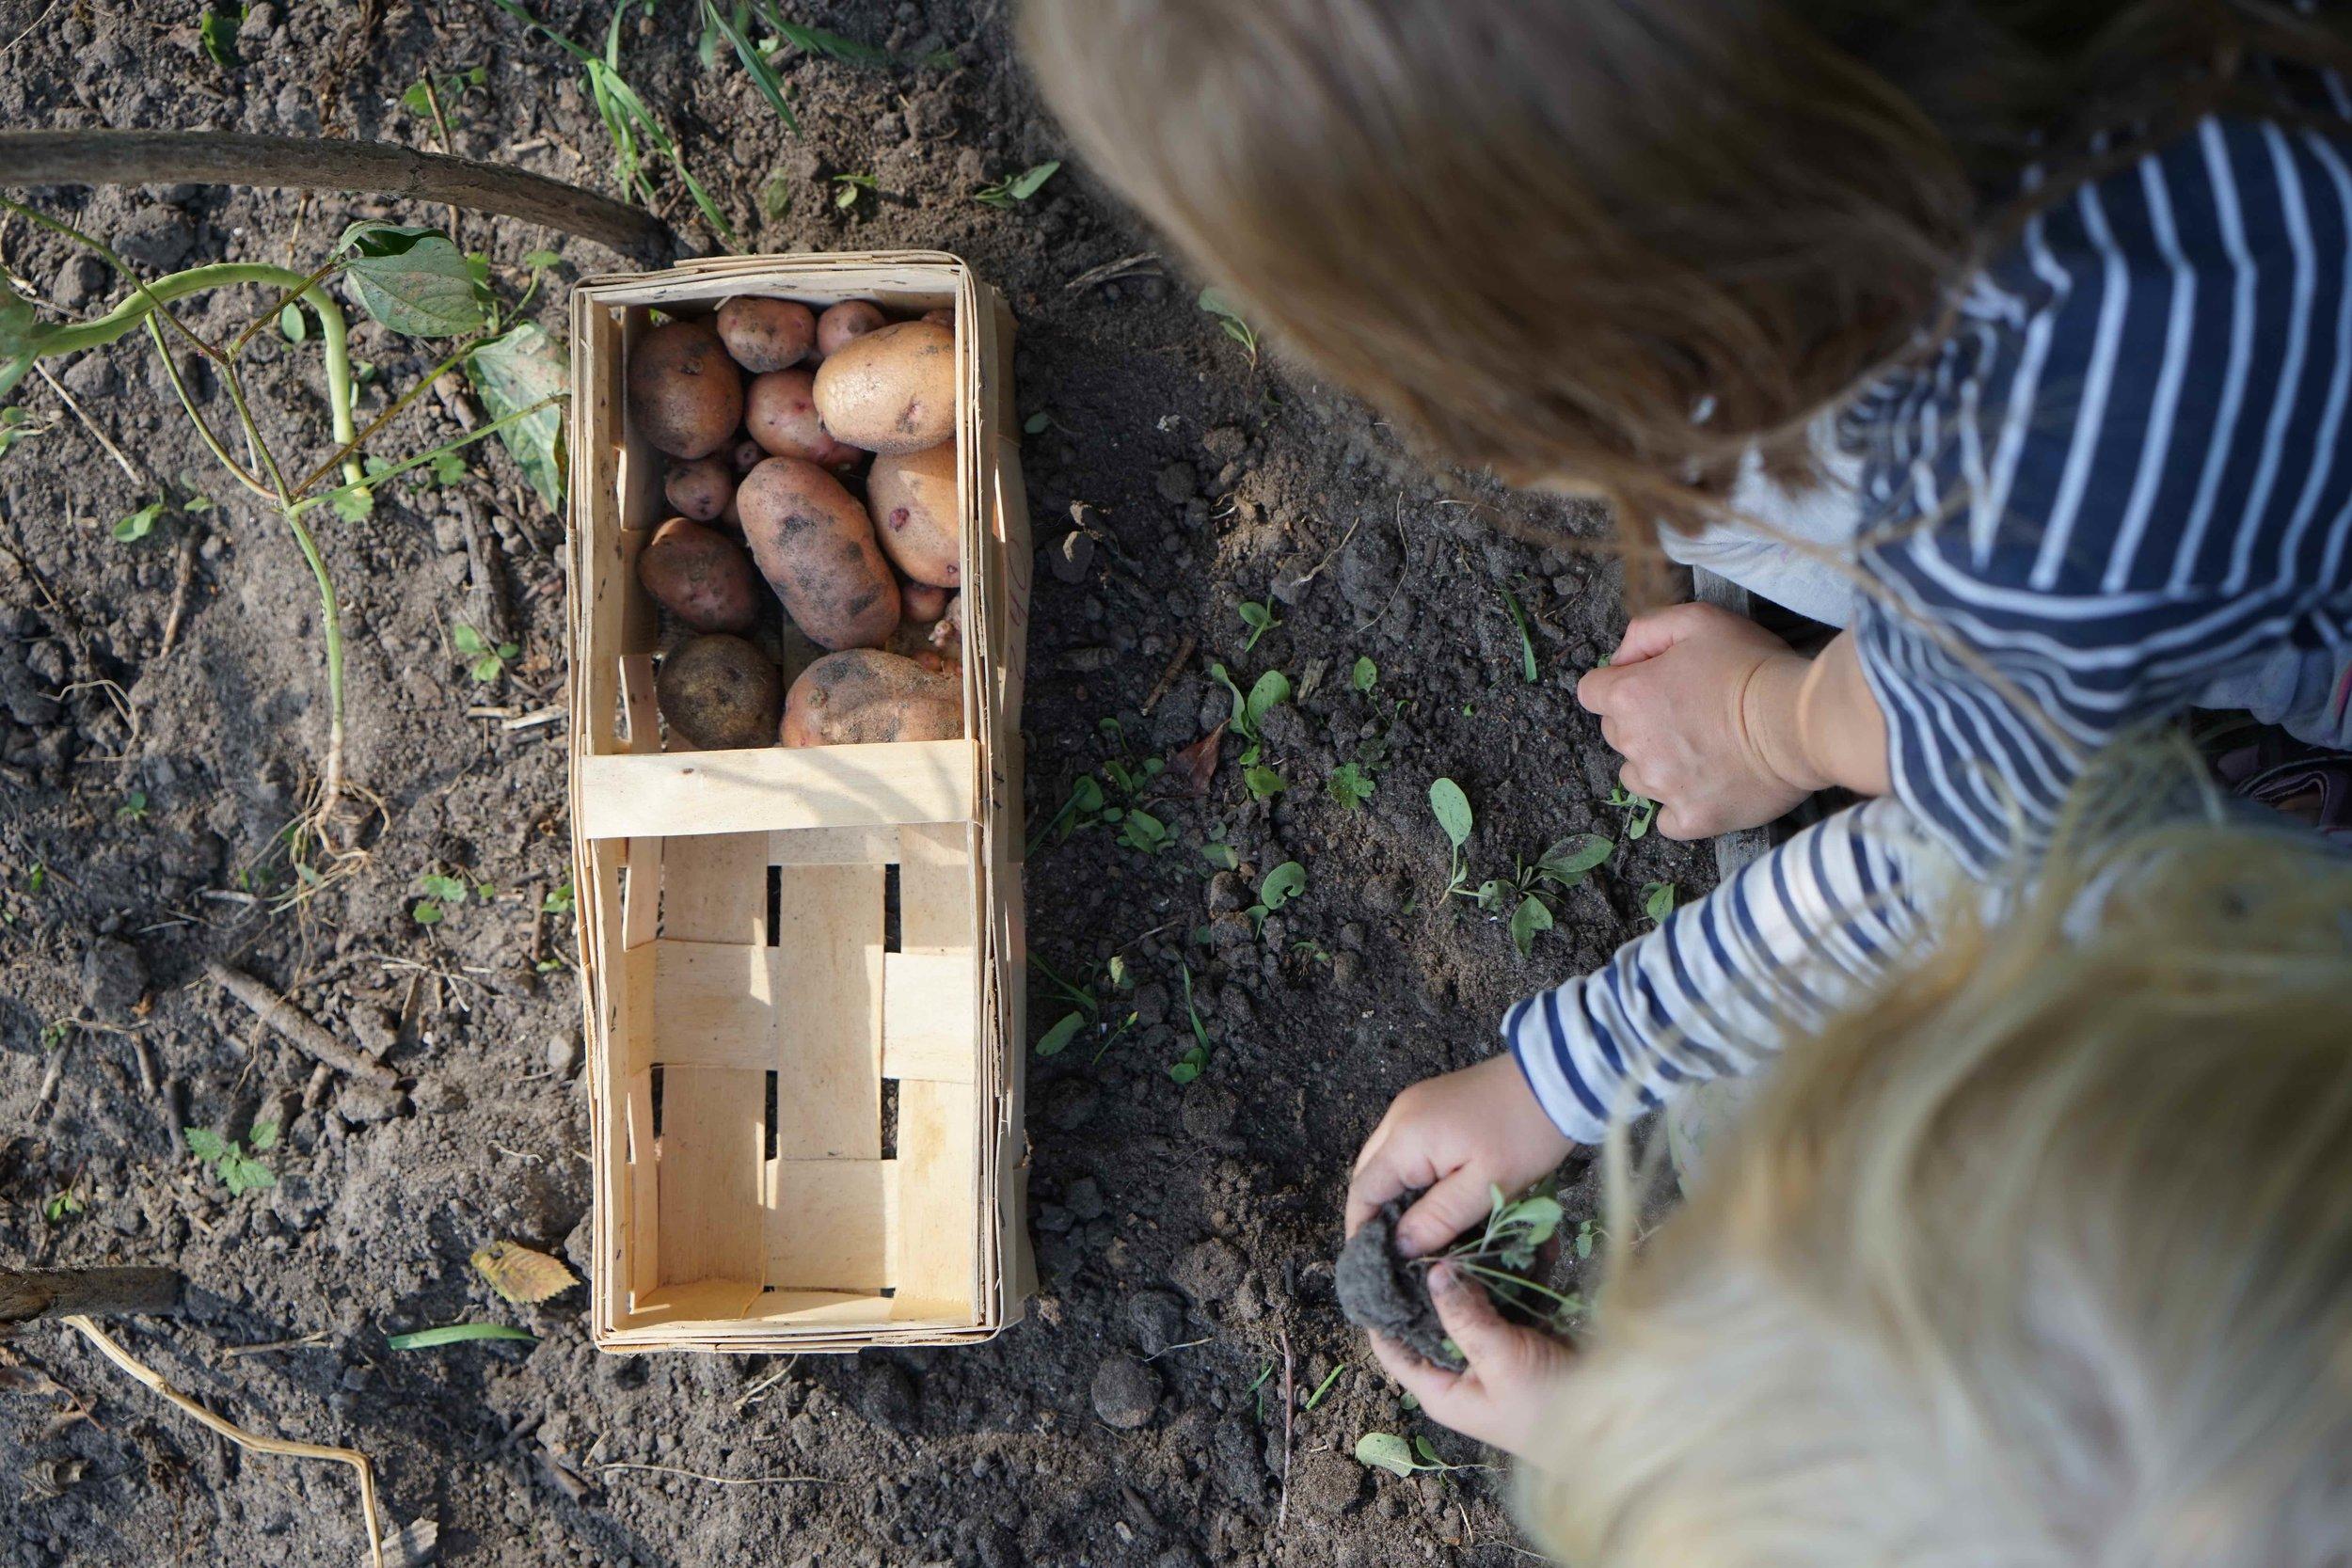 Hochbeet_Woche14_Kartoffelernte.JPG